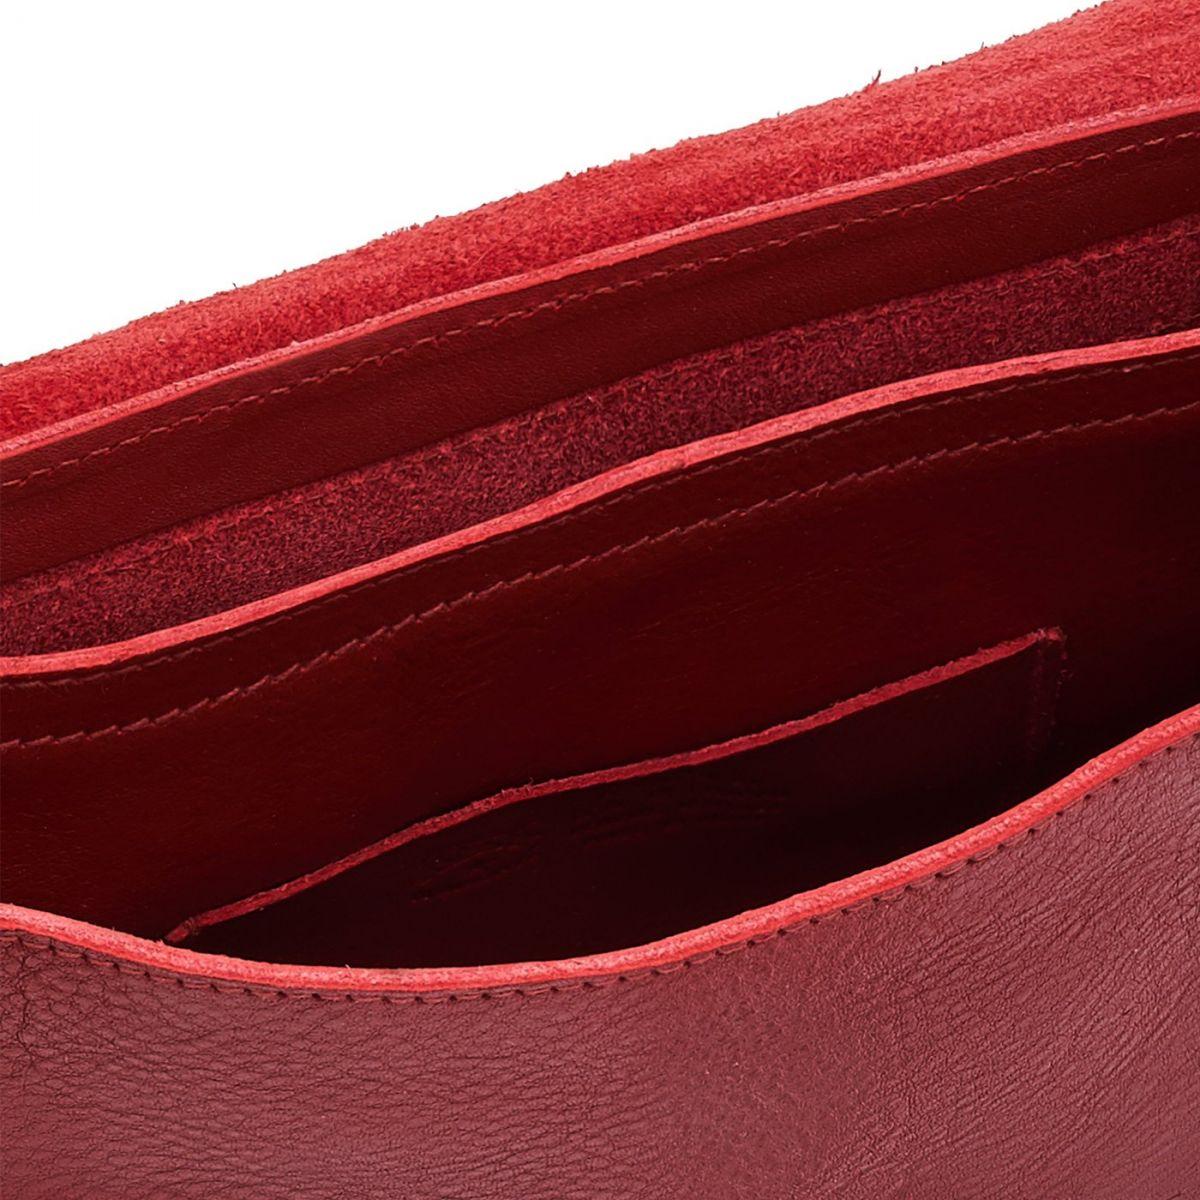 Sac Bandouliere pour Femme en Cuir De Vachette Doublé BCR027 couleur Rouge | Details